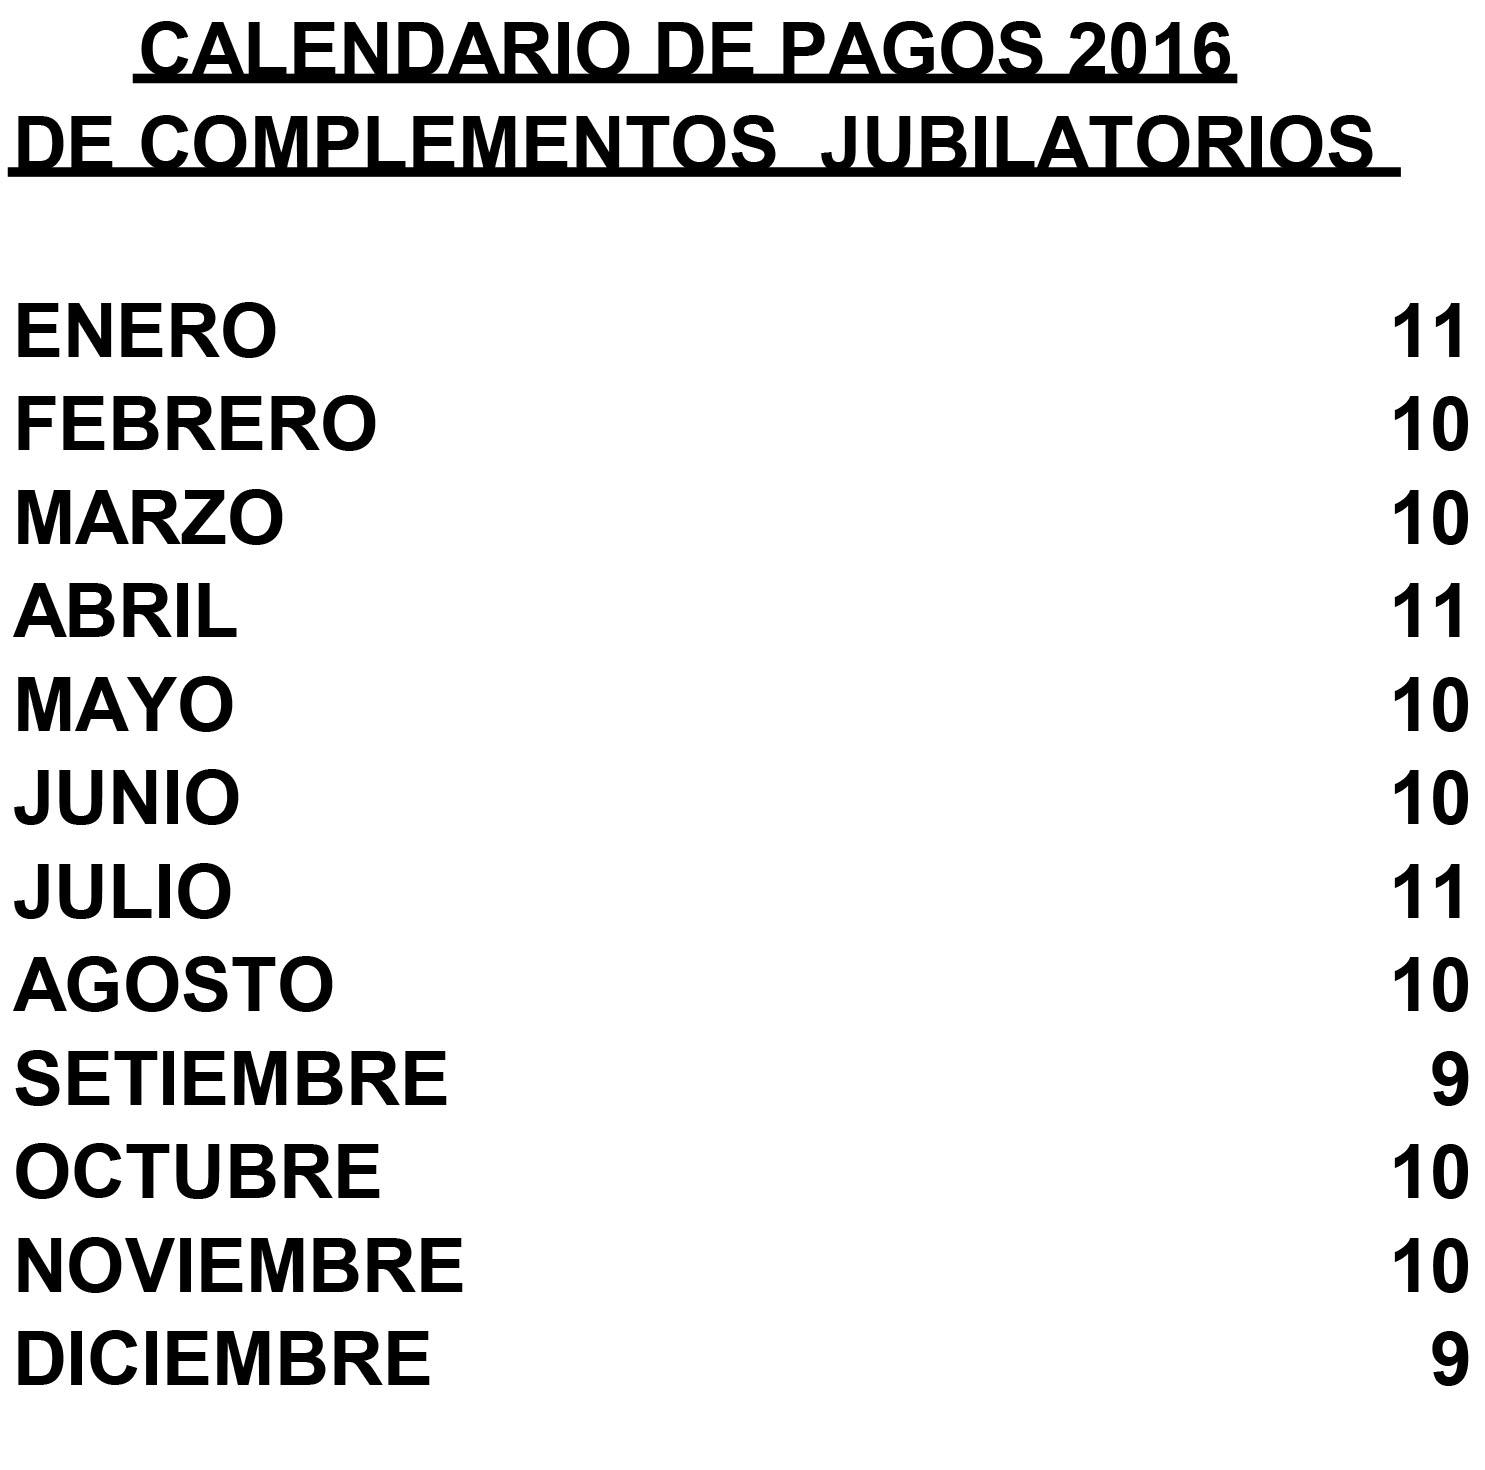 CALENDARIO-DE-COMPLEMENTOS-2016